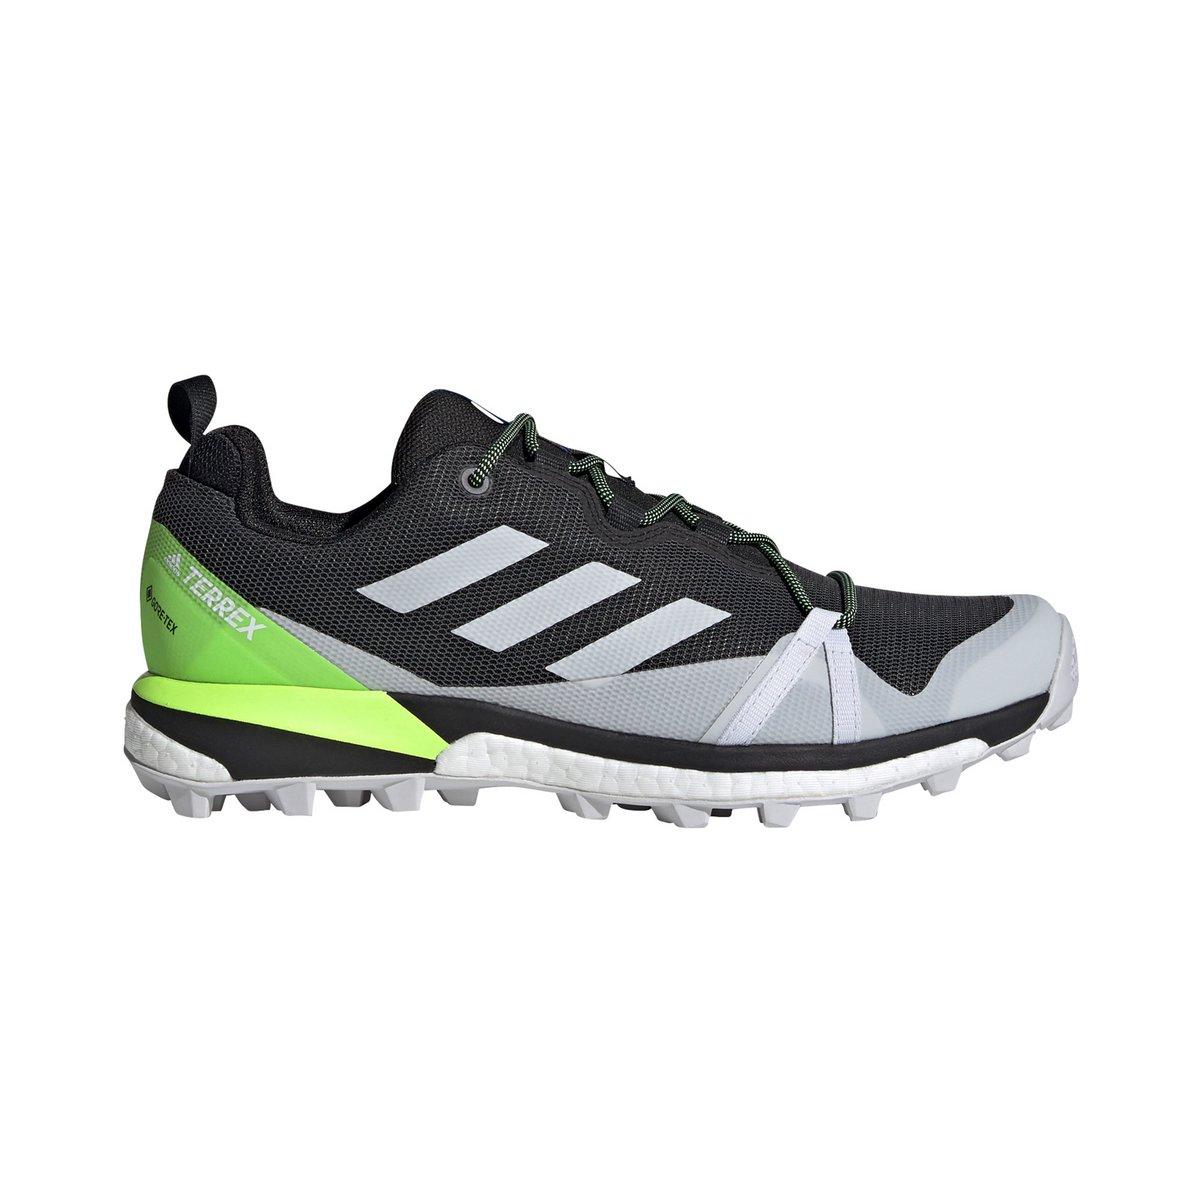 Adidas Terrex Men's Terrex Skychaser LT GORE-TEX Walking Shoes 0